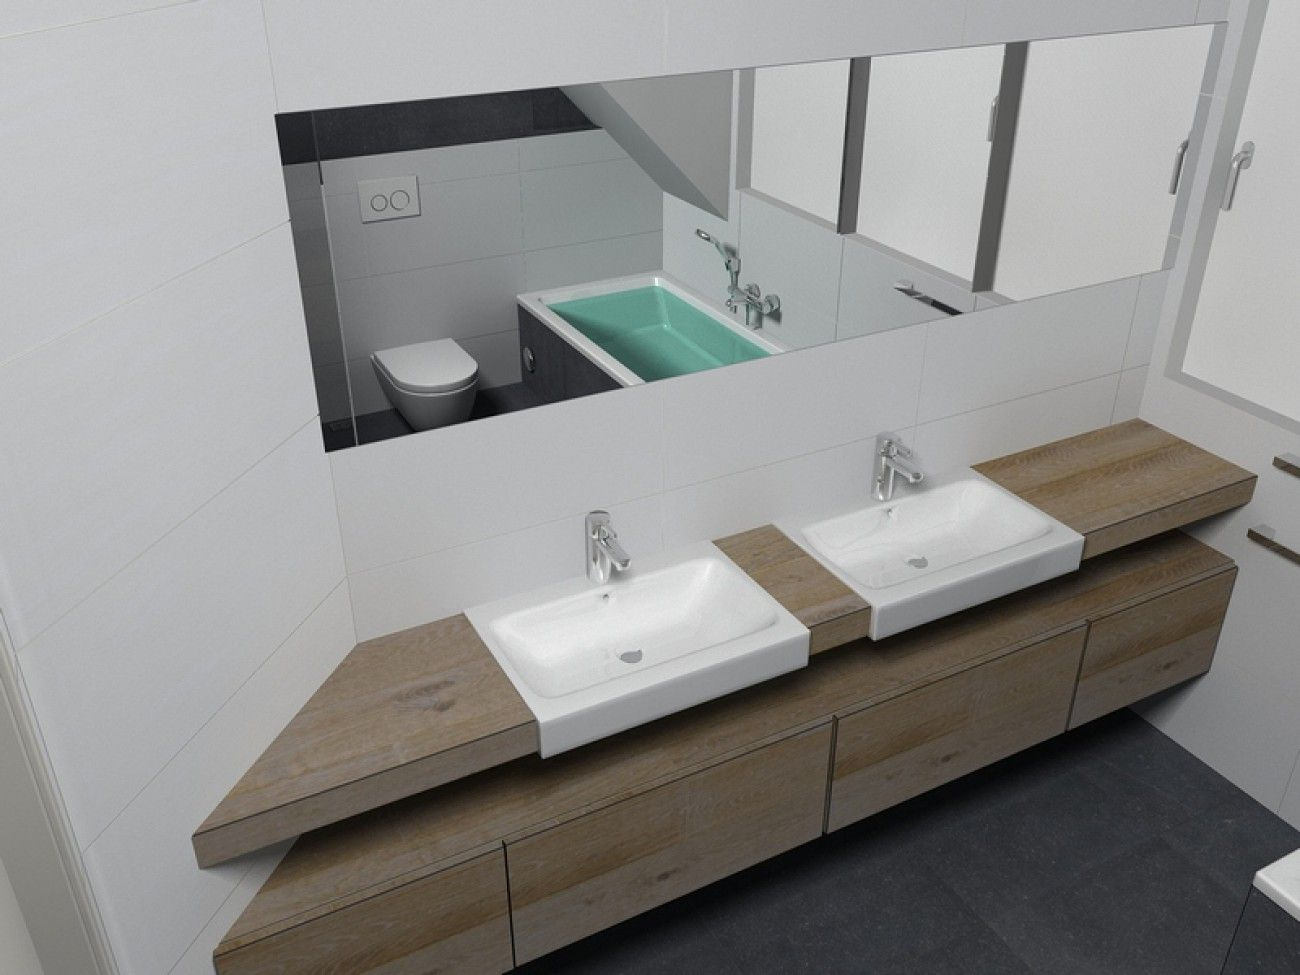 de eerste kamer de wastafels van het merk sphinx uit de serie 345